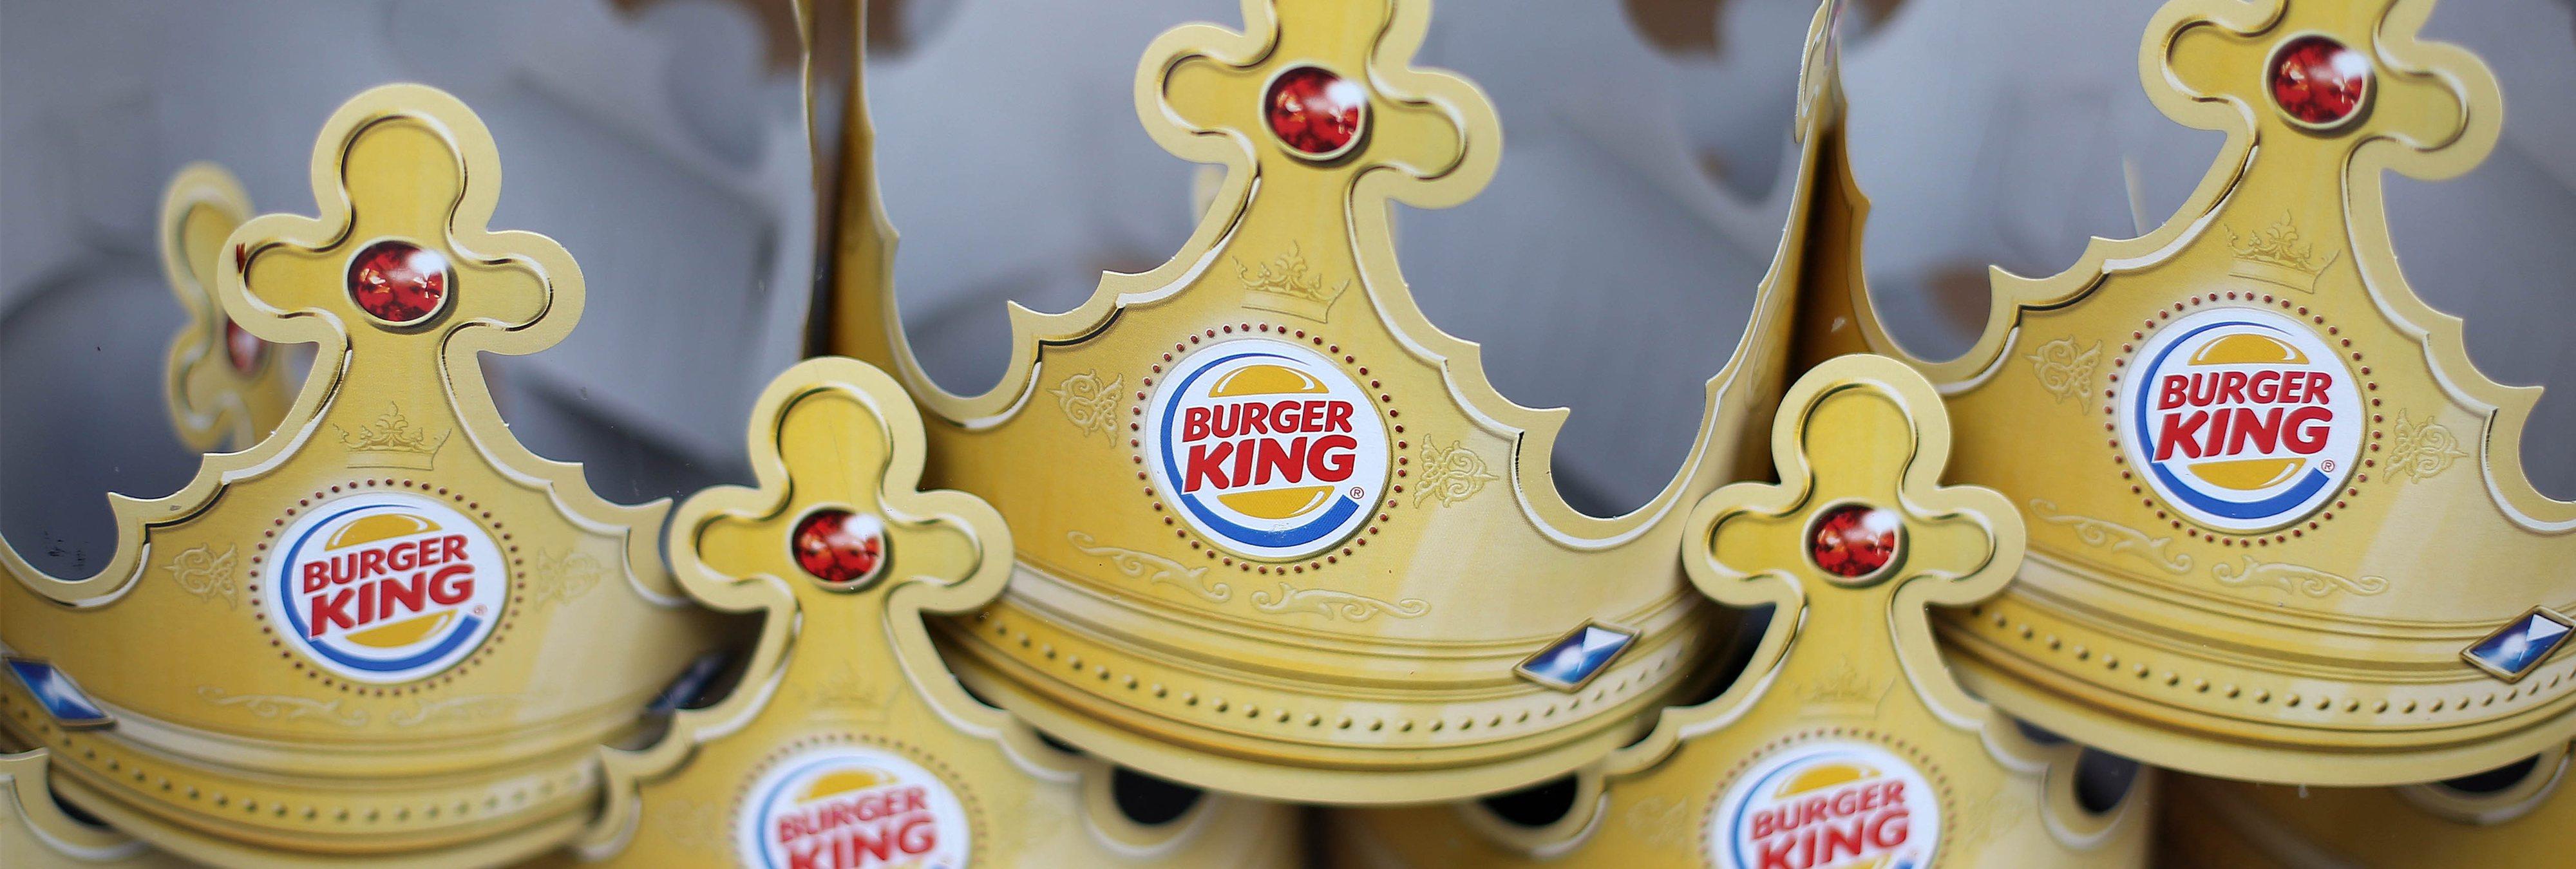 Burger King ofrece hamburguesas a 1 céntimo al acercarte a un McDonald's